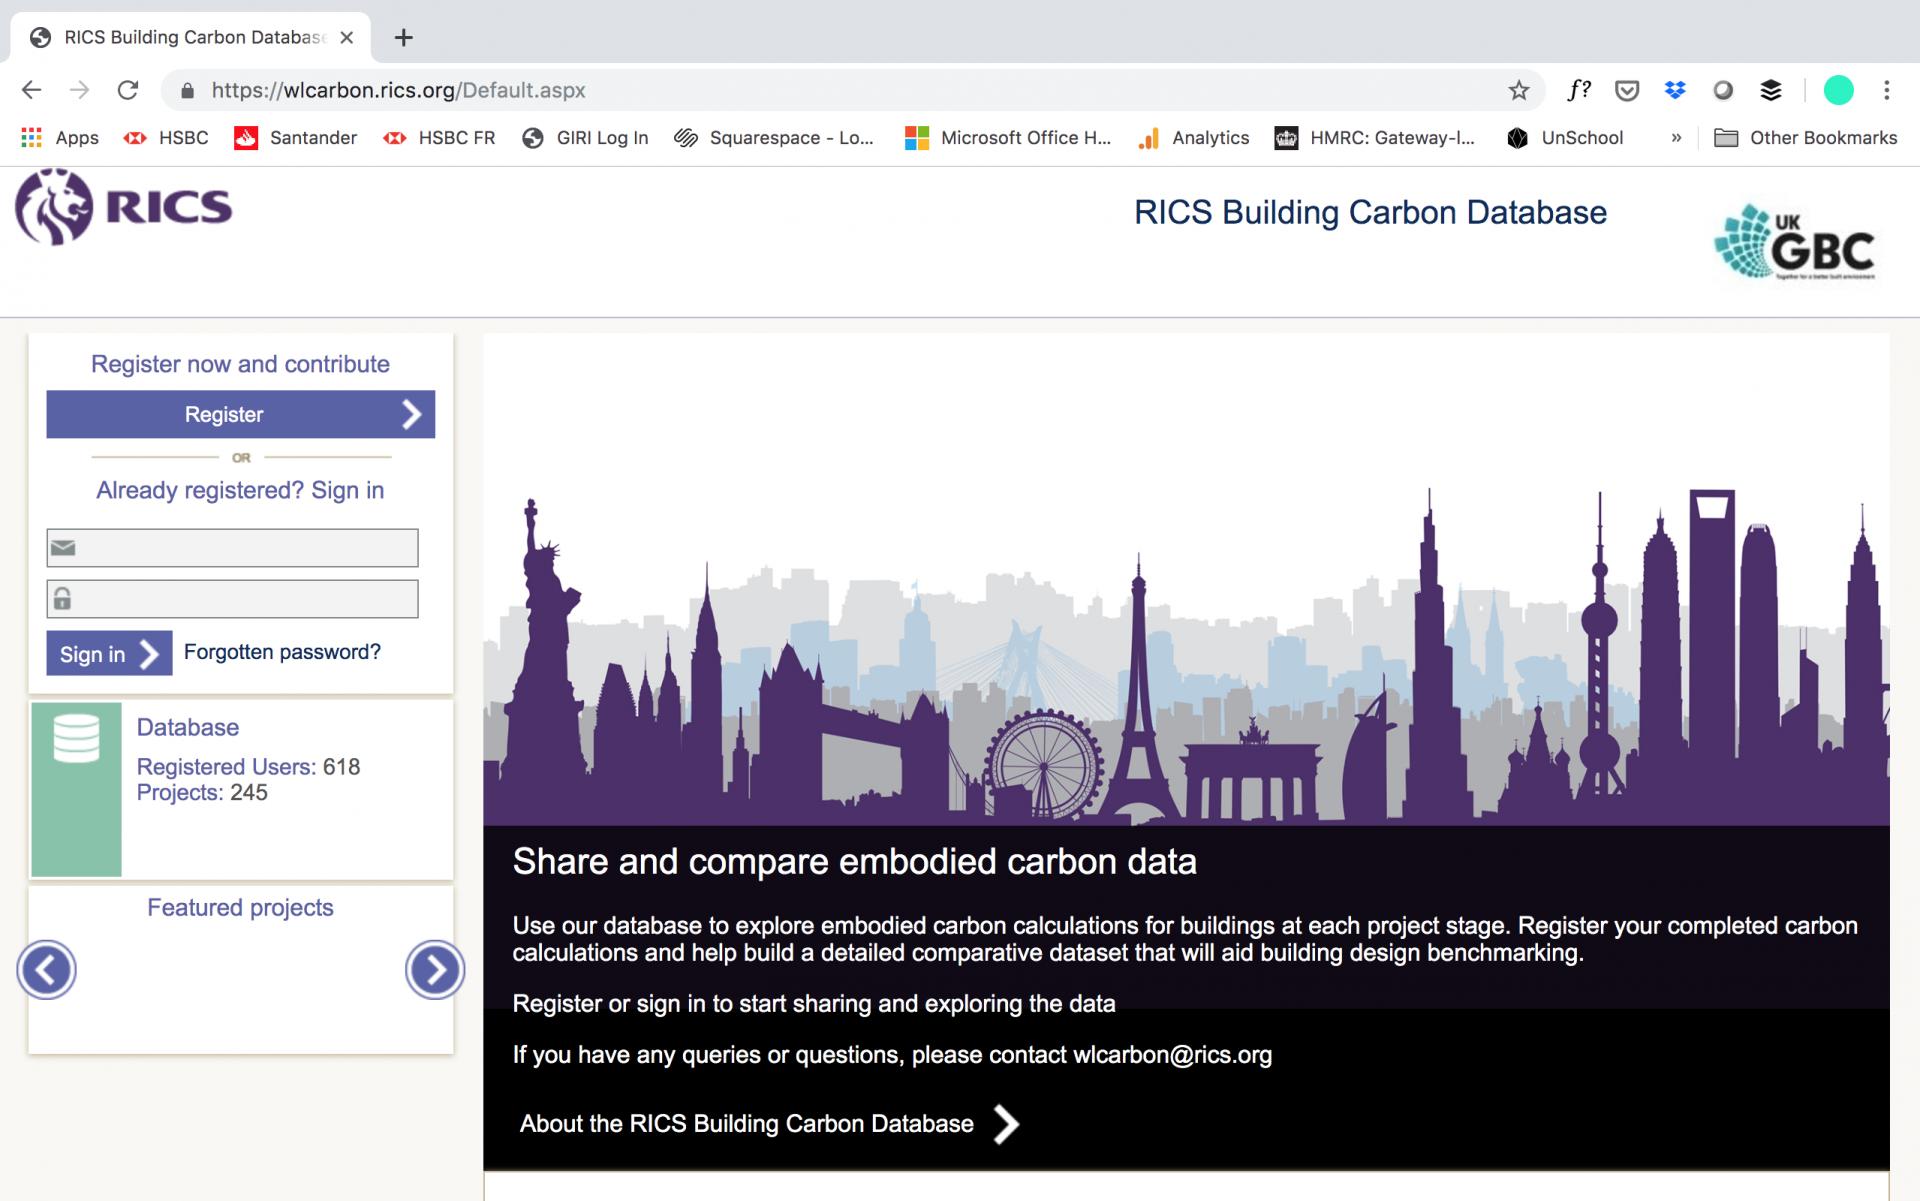 RICS Building Carbon Database